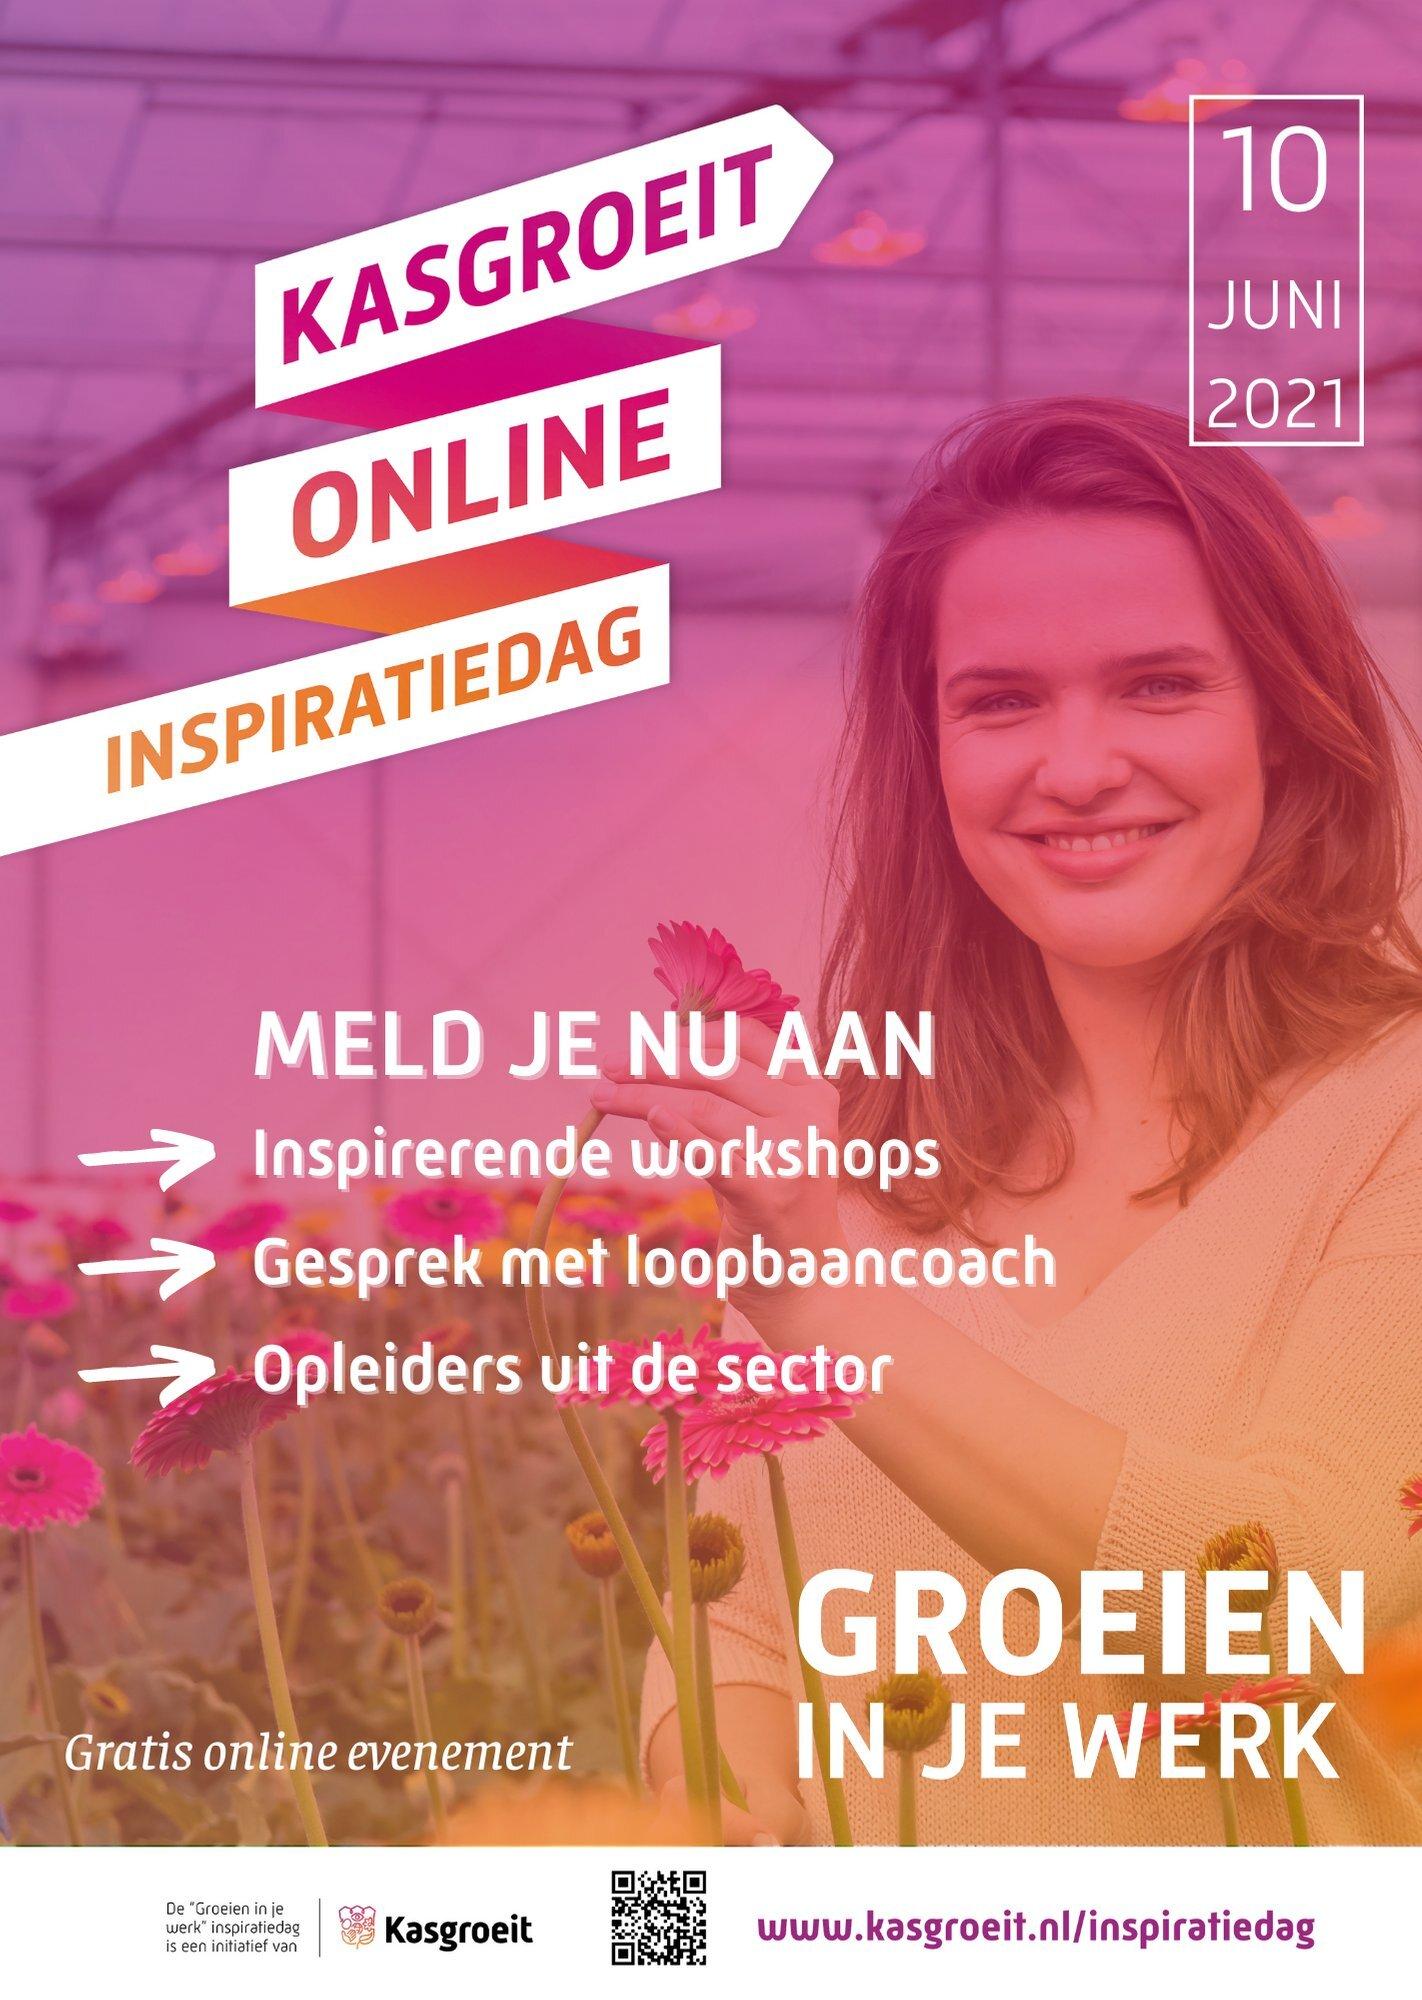 Online inspiratiedag 'Groeien in je werk'